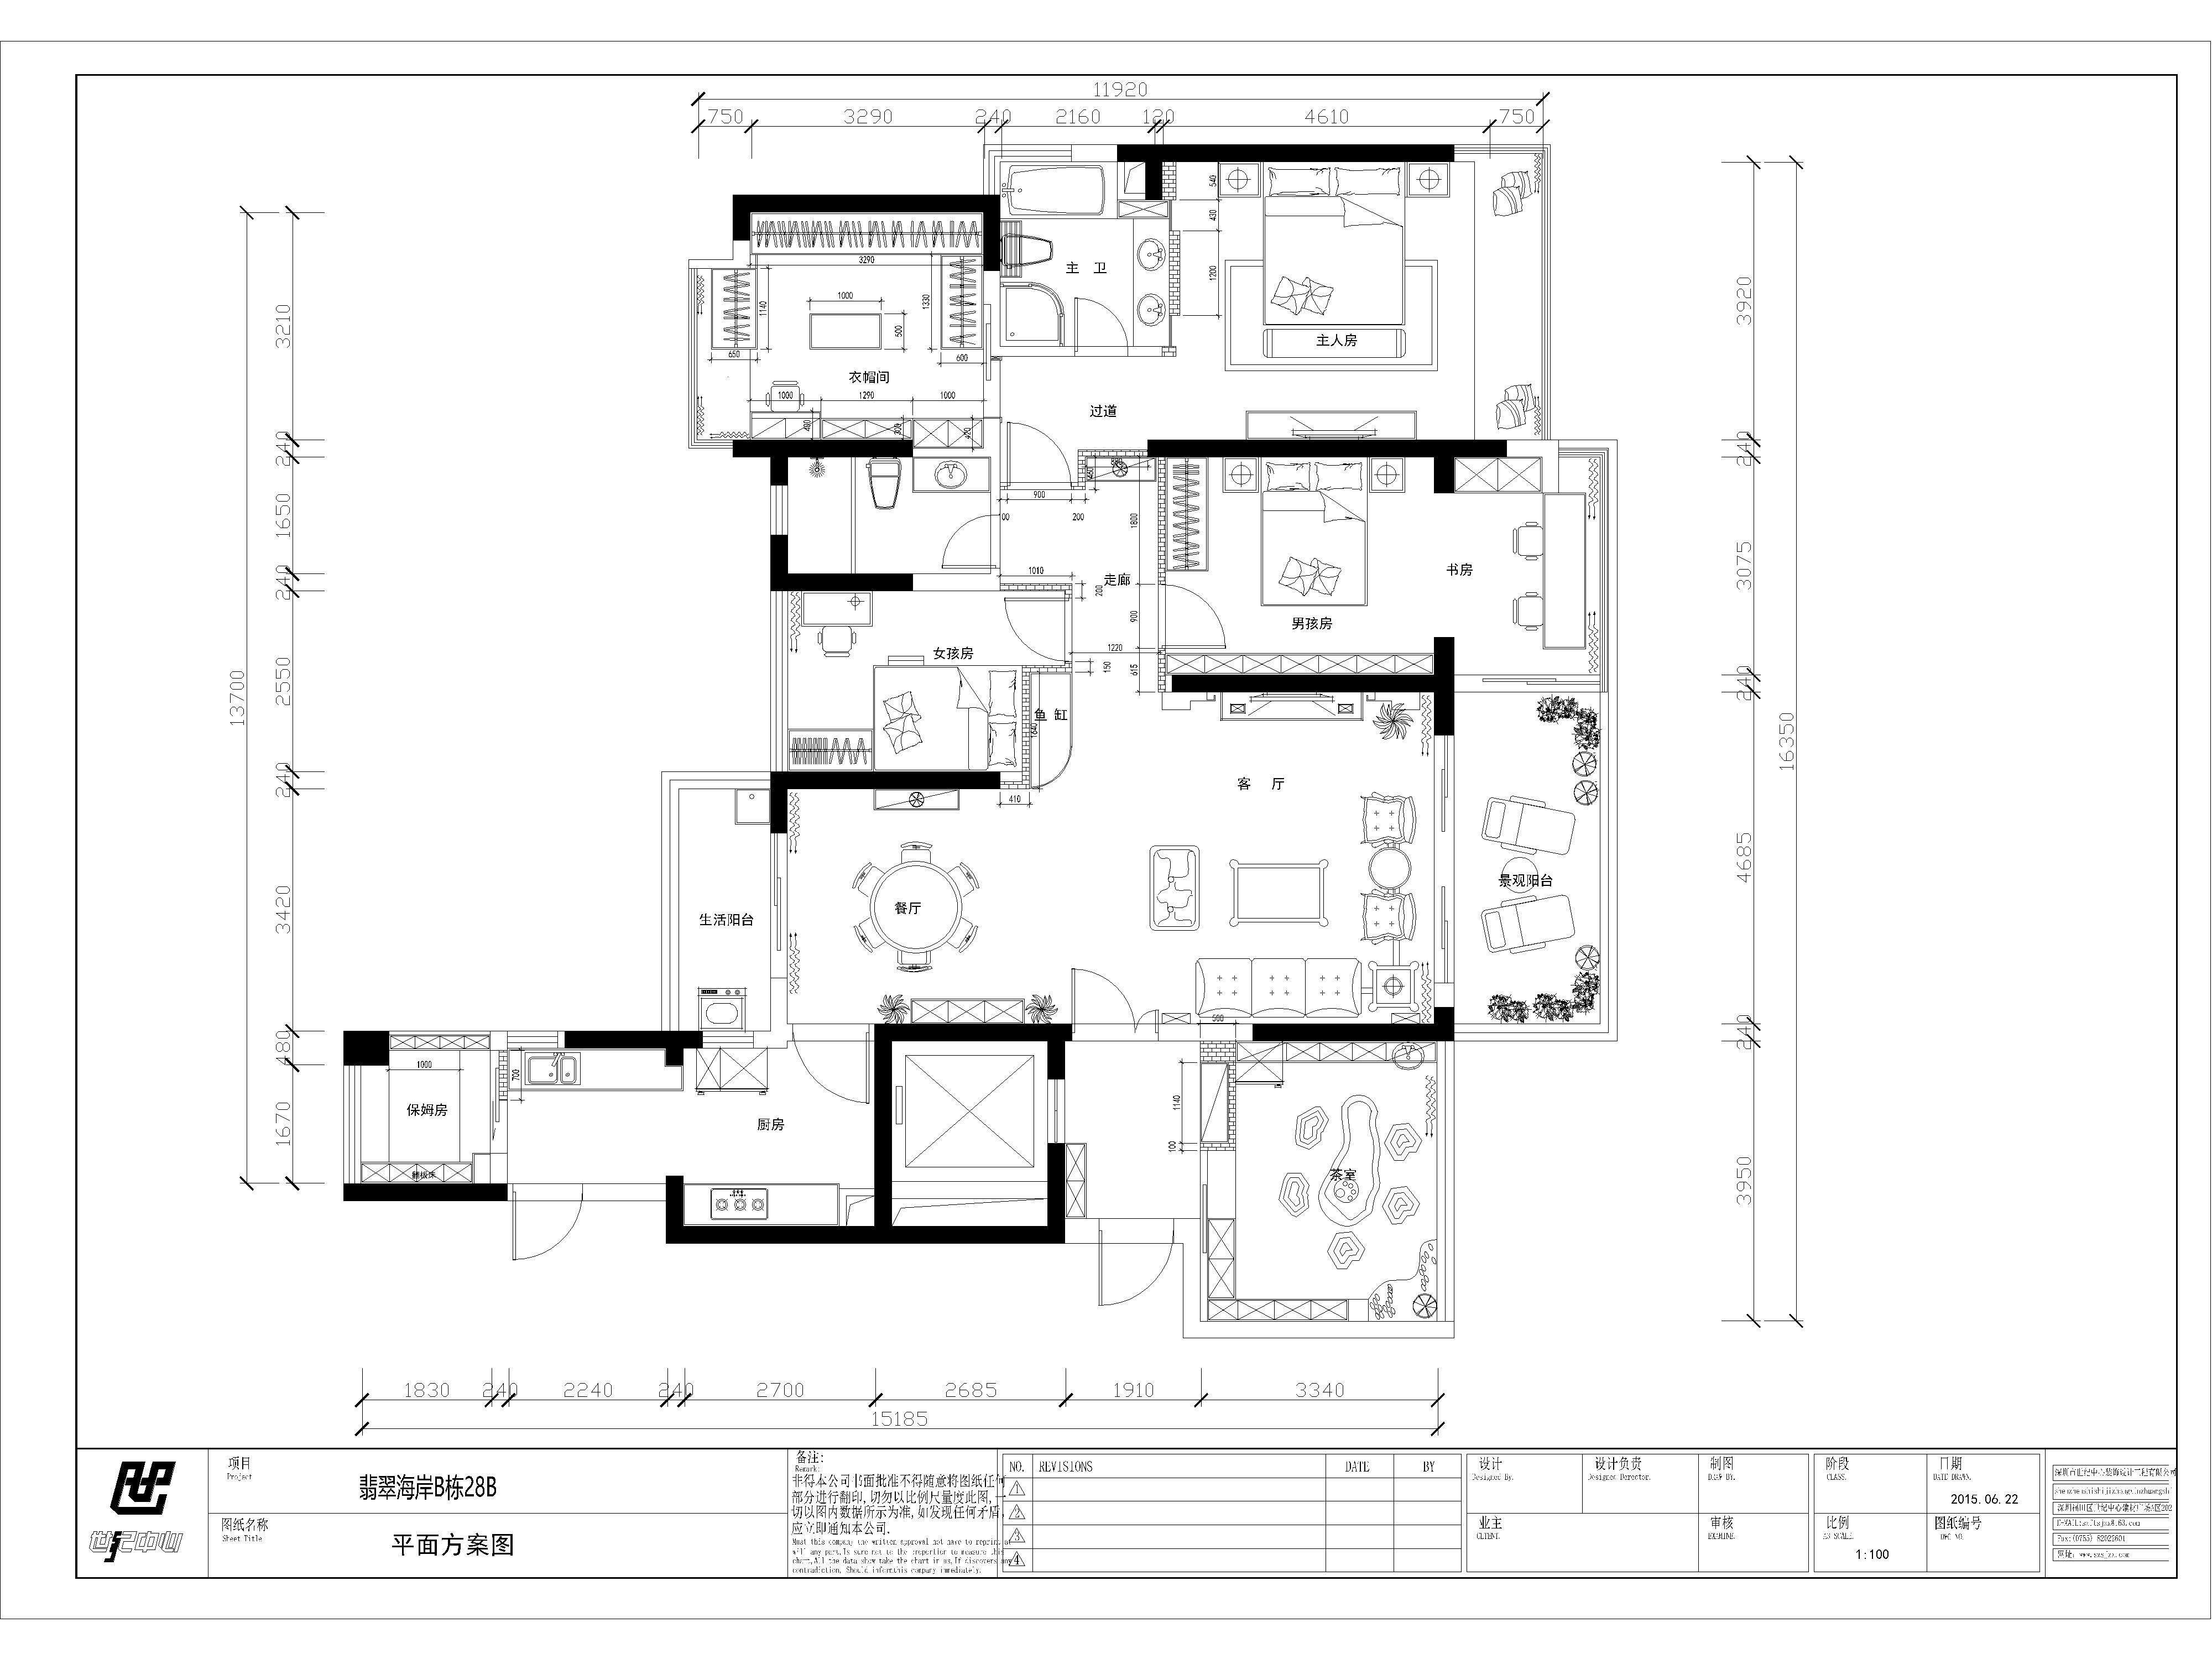 翡翠海岸186㎡-简欧性状style策划案例-别墅装潢成果图装潢策划愿景